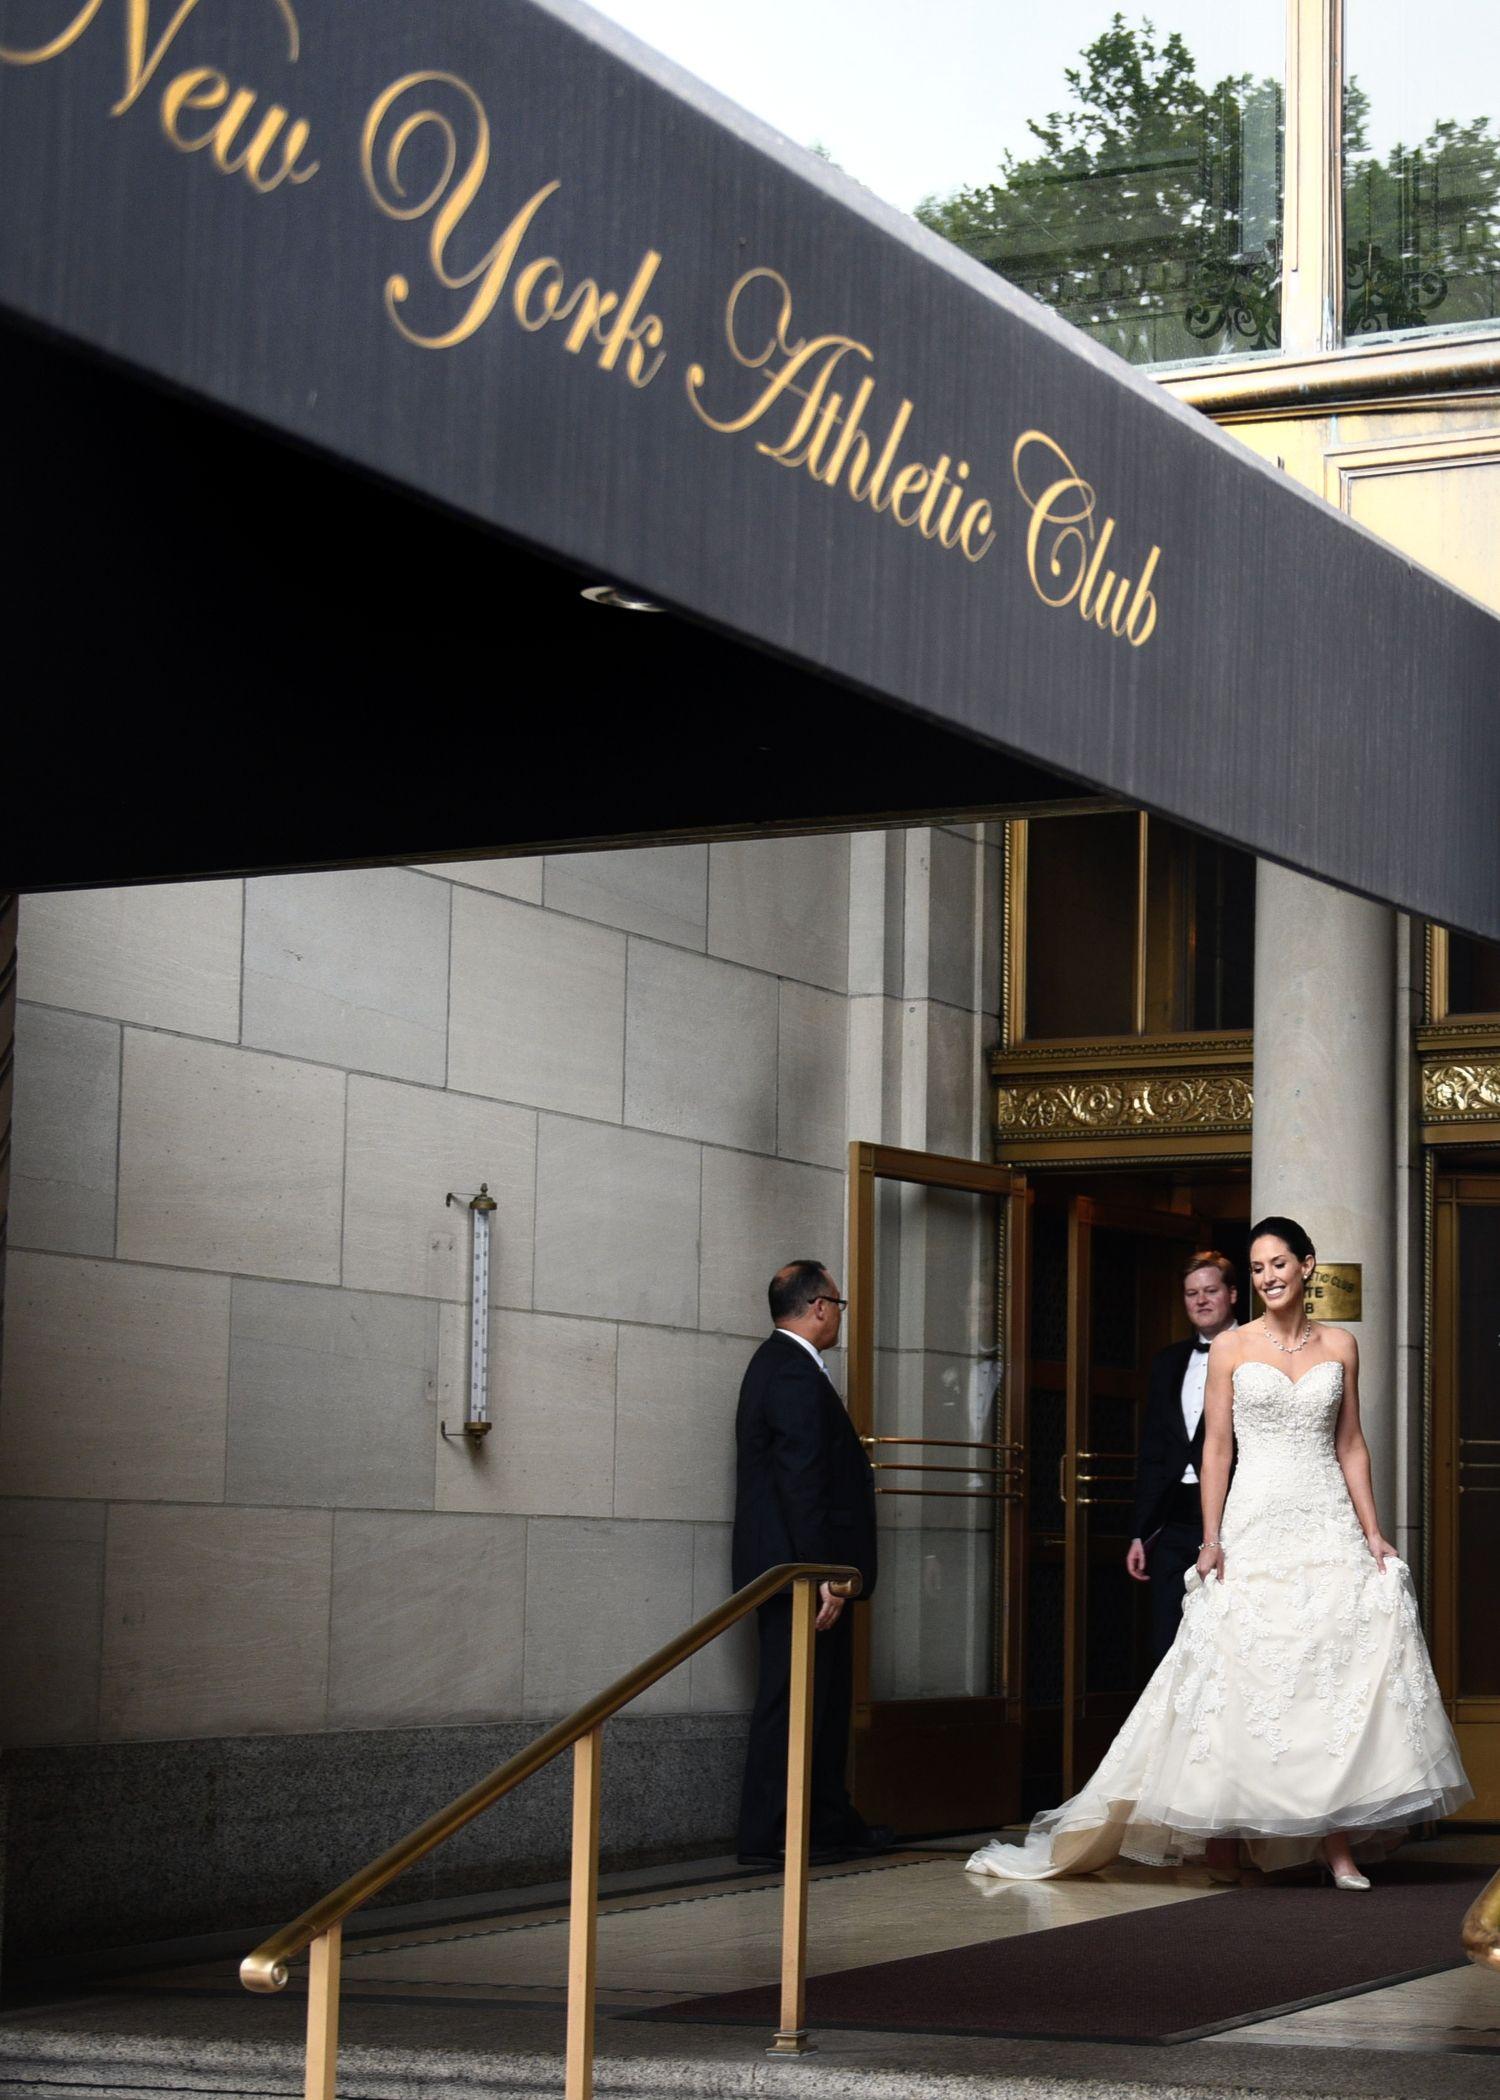 An Elegant New York Athletic Club Wedding